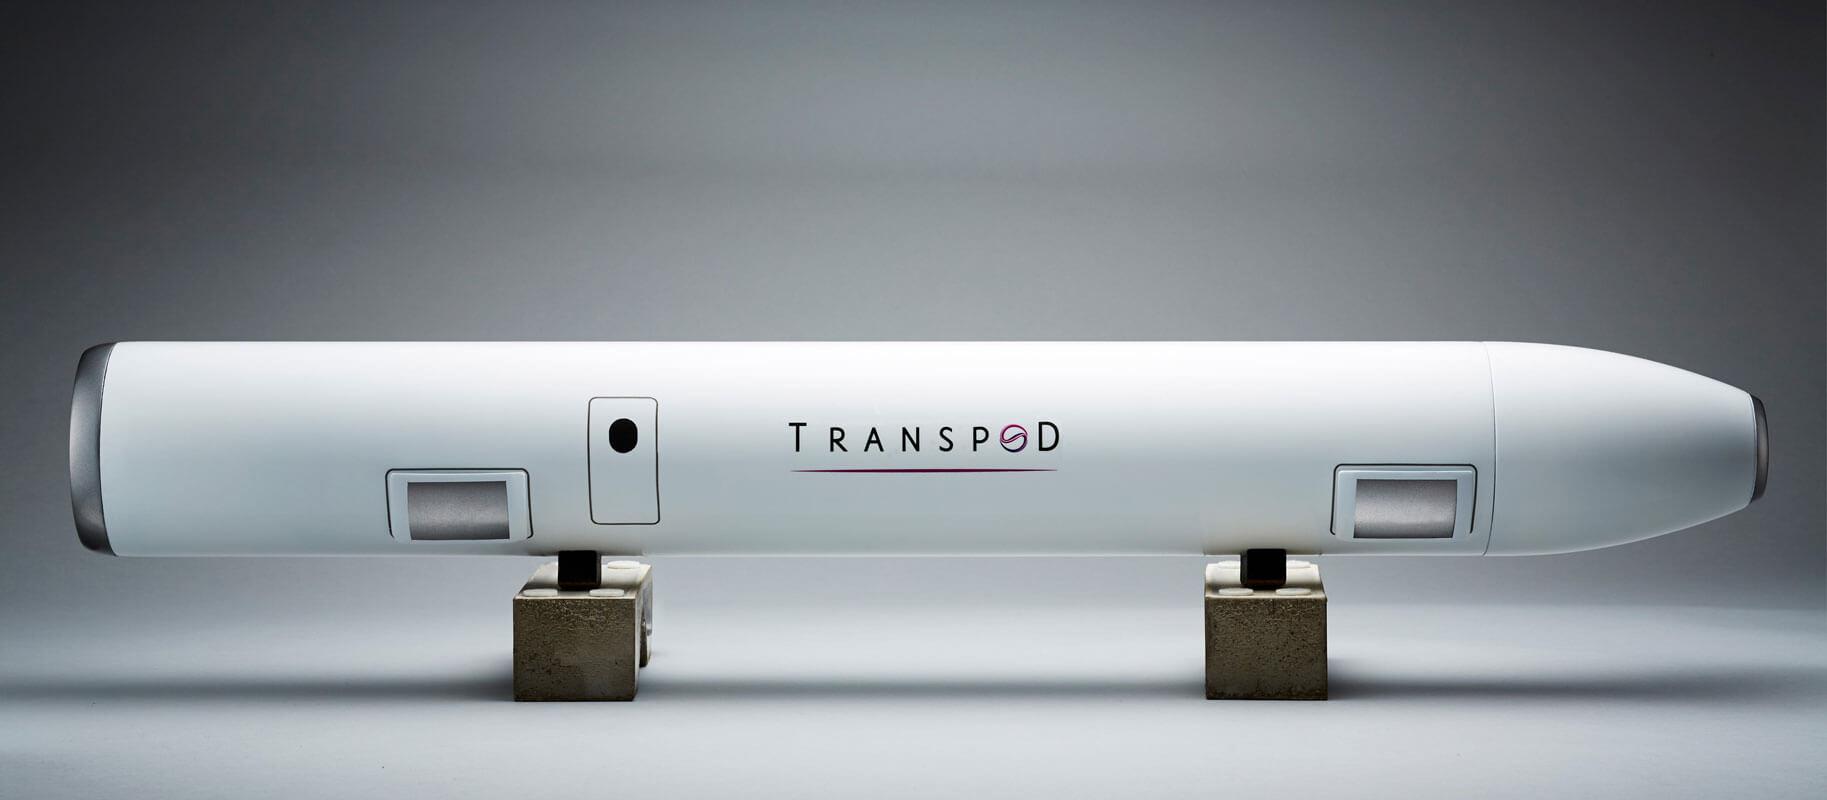 Transpod-Pod